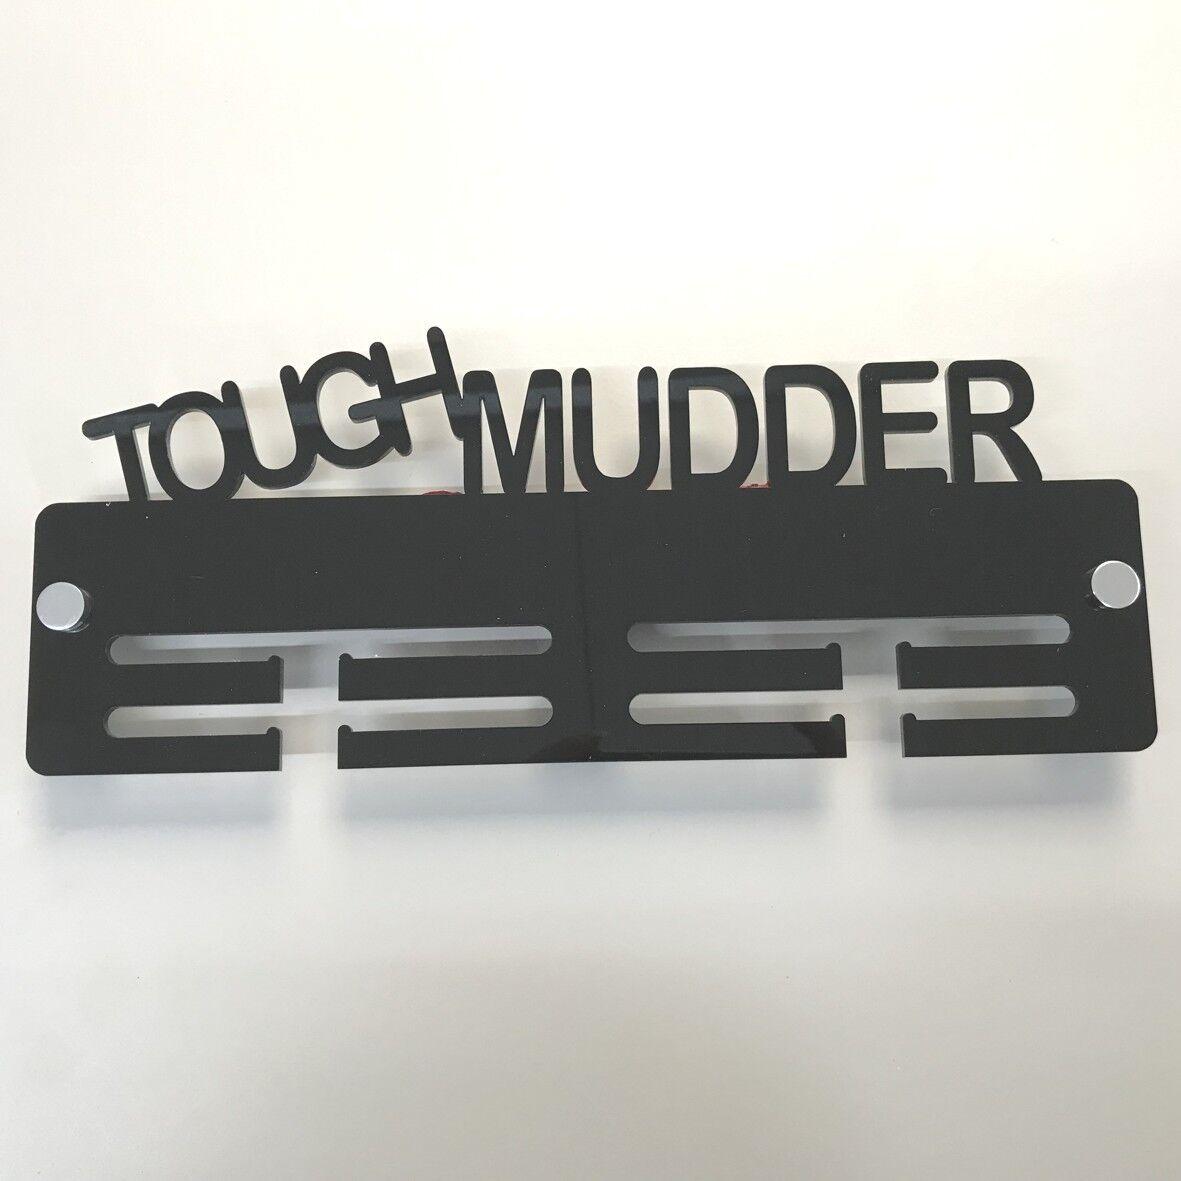 Difficile Difficile Difficile Mudder (Parkour) Médaille Crochet - Plusieurs Couleur Choix - Inclus 70b4ea